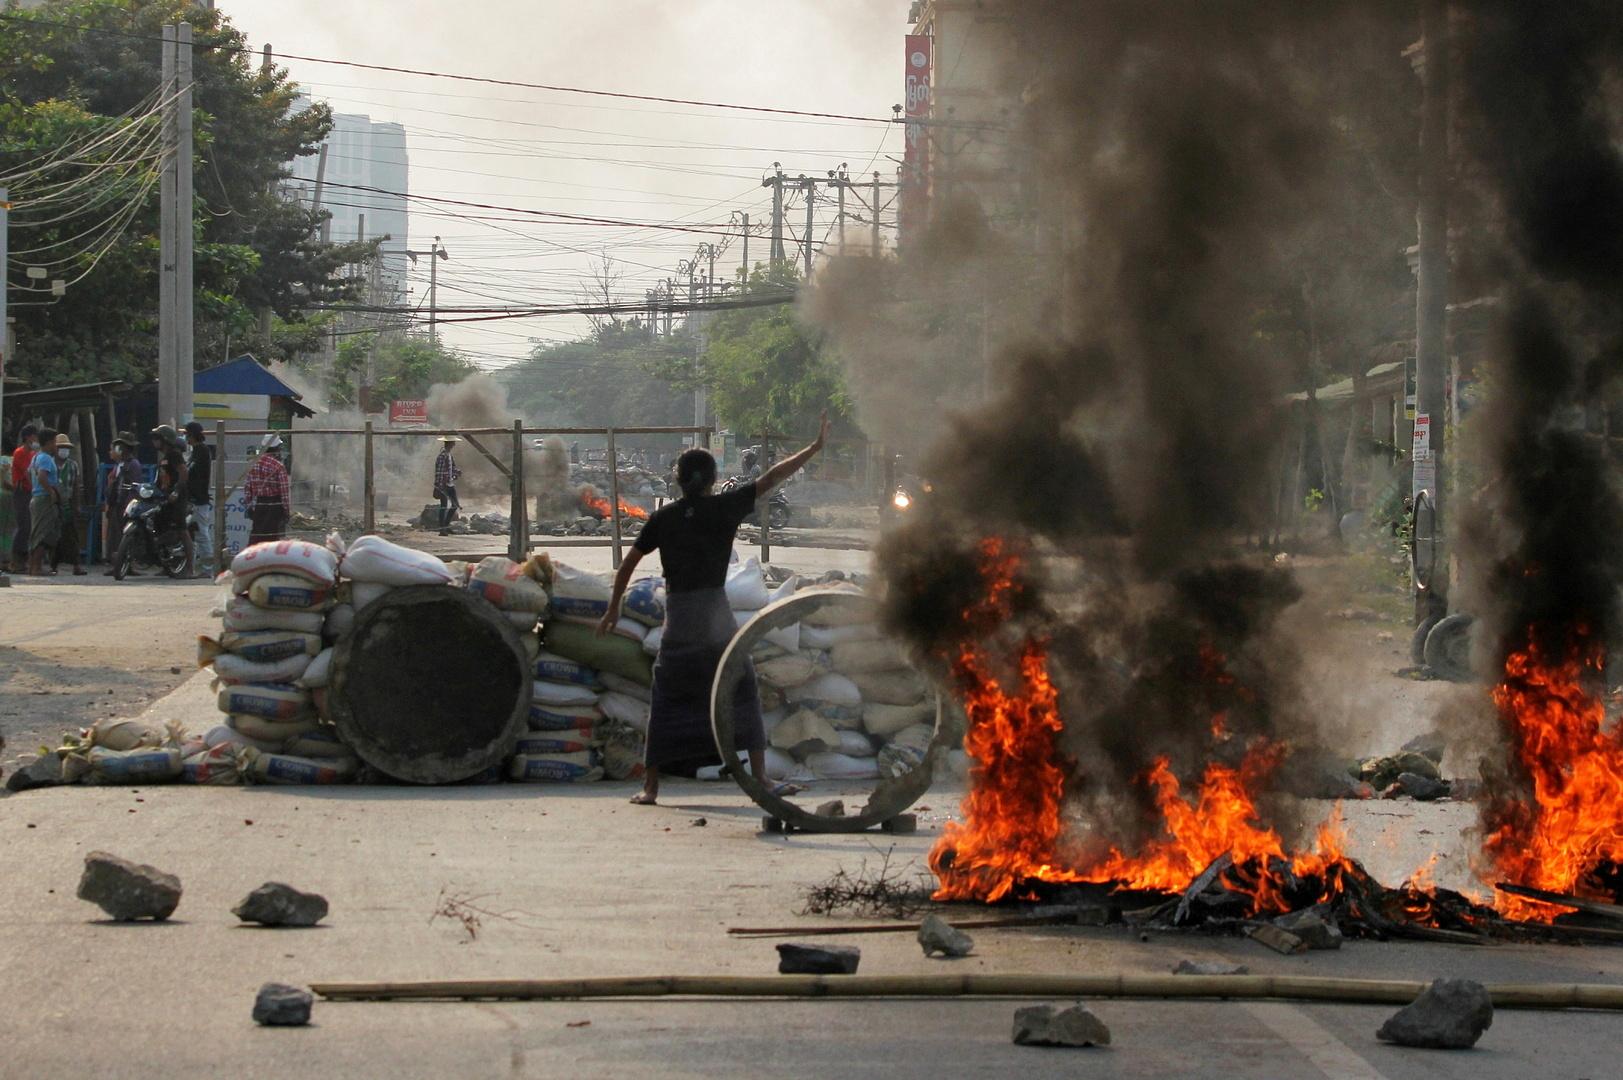 جيش ميانمار يفشل في إخماد الاحتجاجات بعد 4 أشهر من استيلائه على السلطة